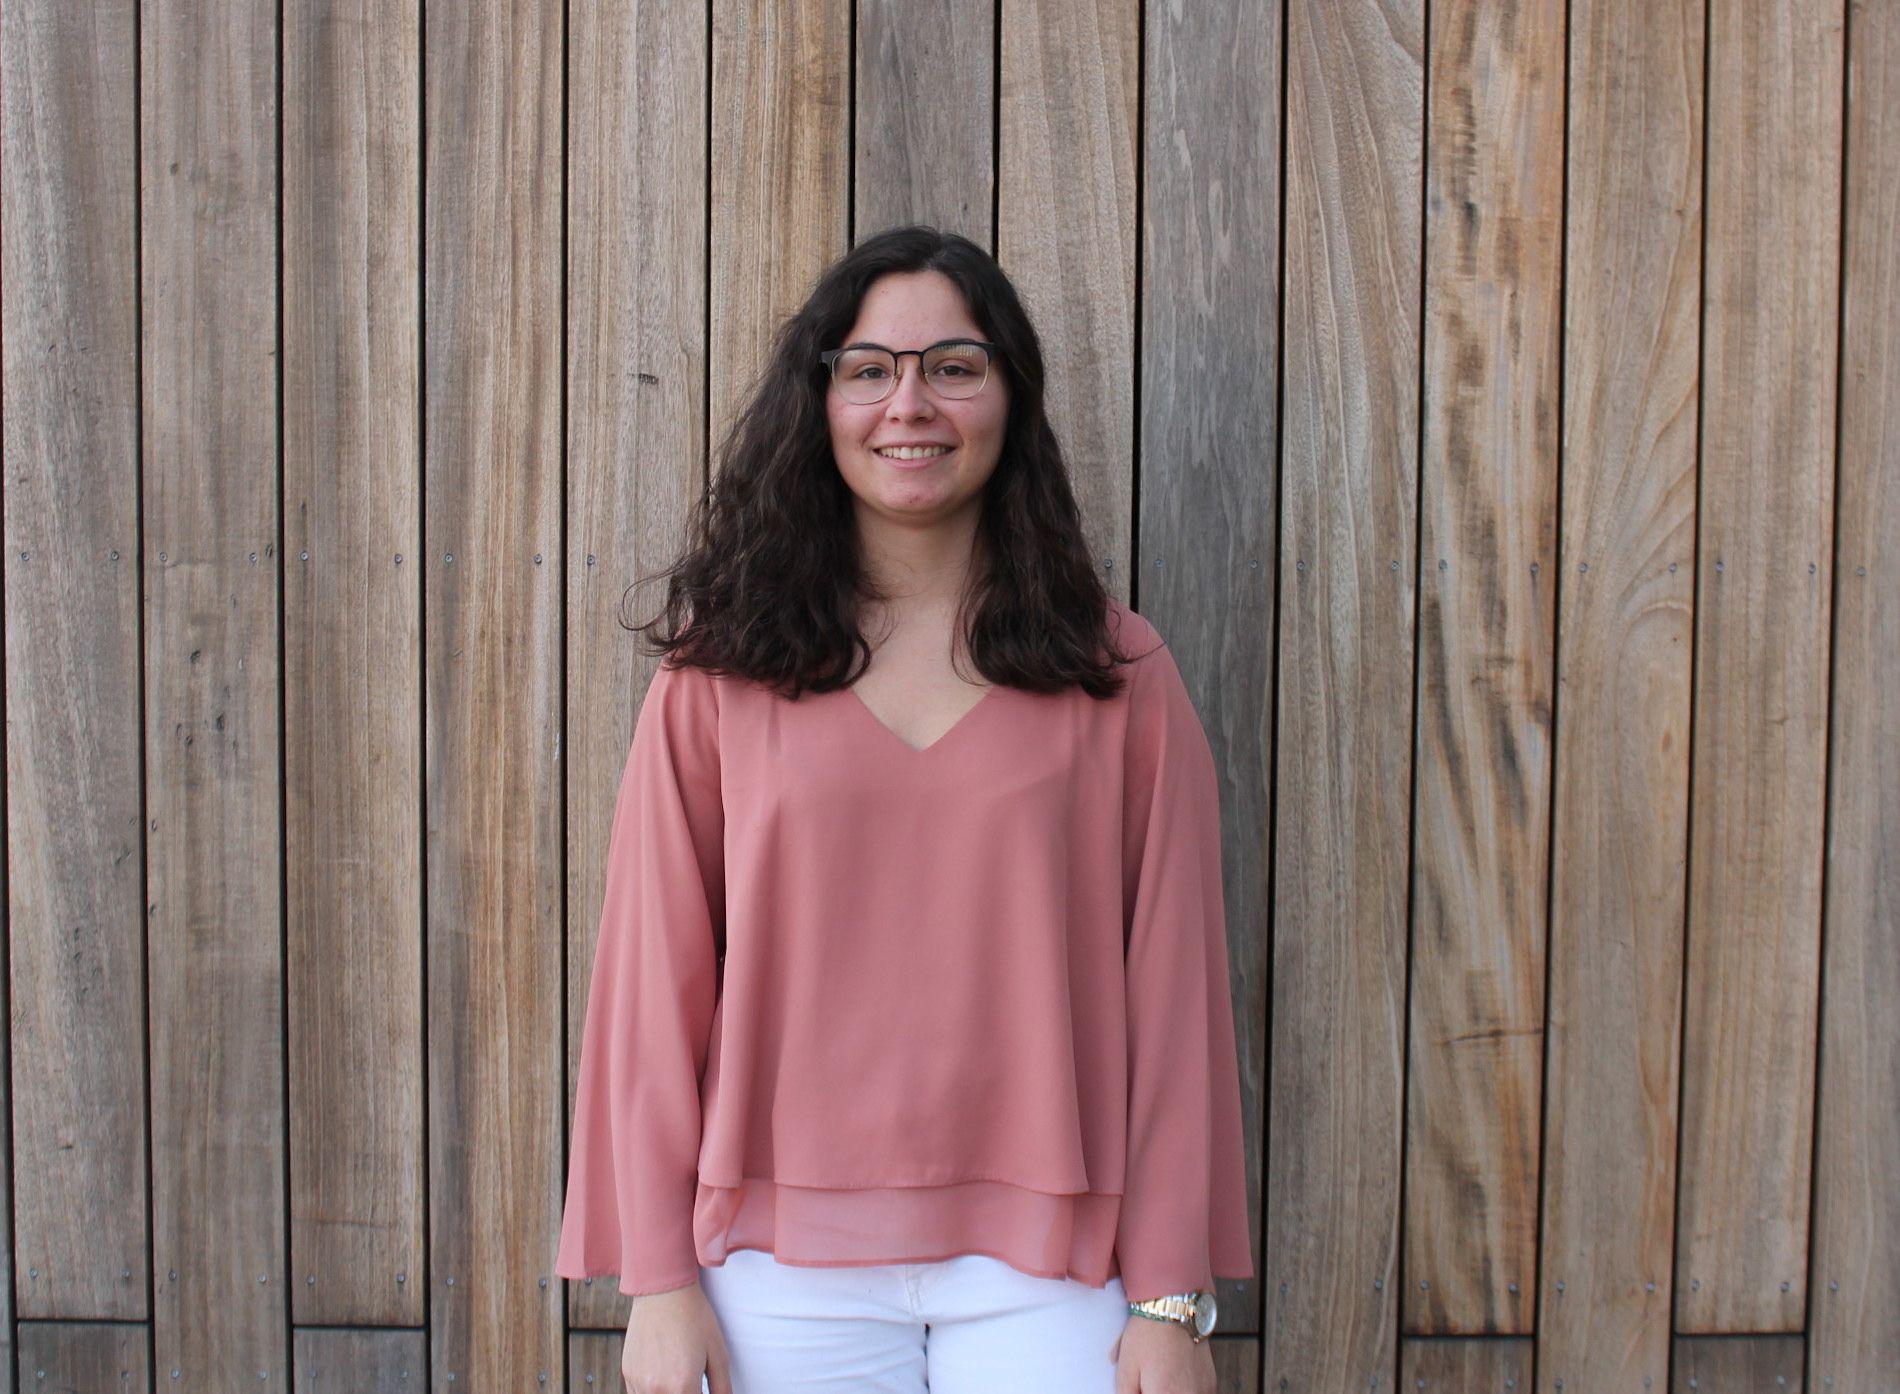 Marina Redondo estudia Ingeniería del Diseño Industrial y Desarrollo de Productos en la CEU UCH.